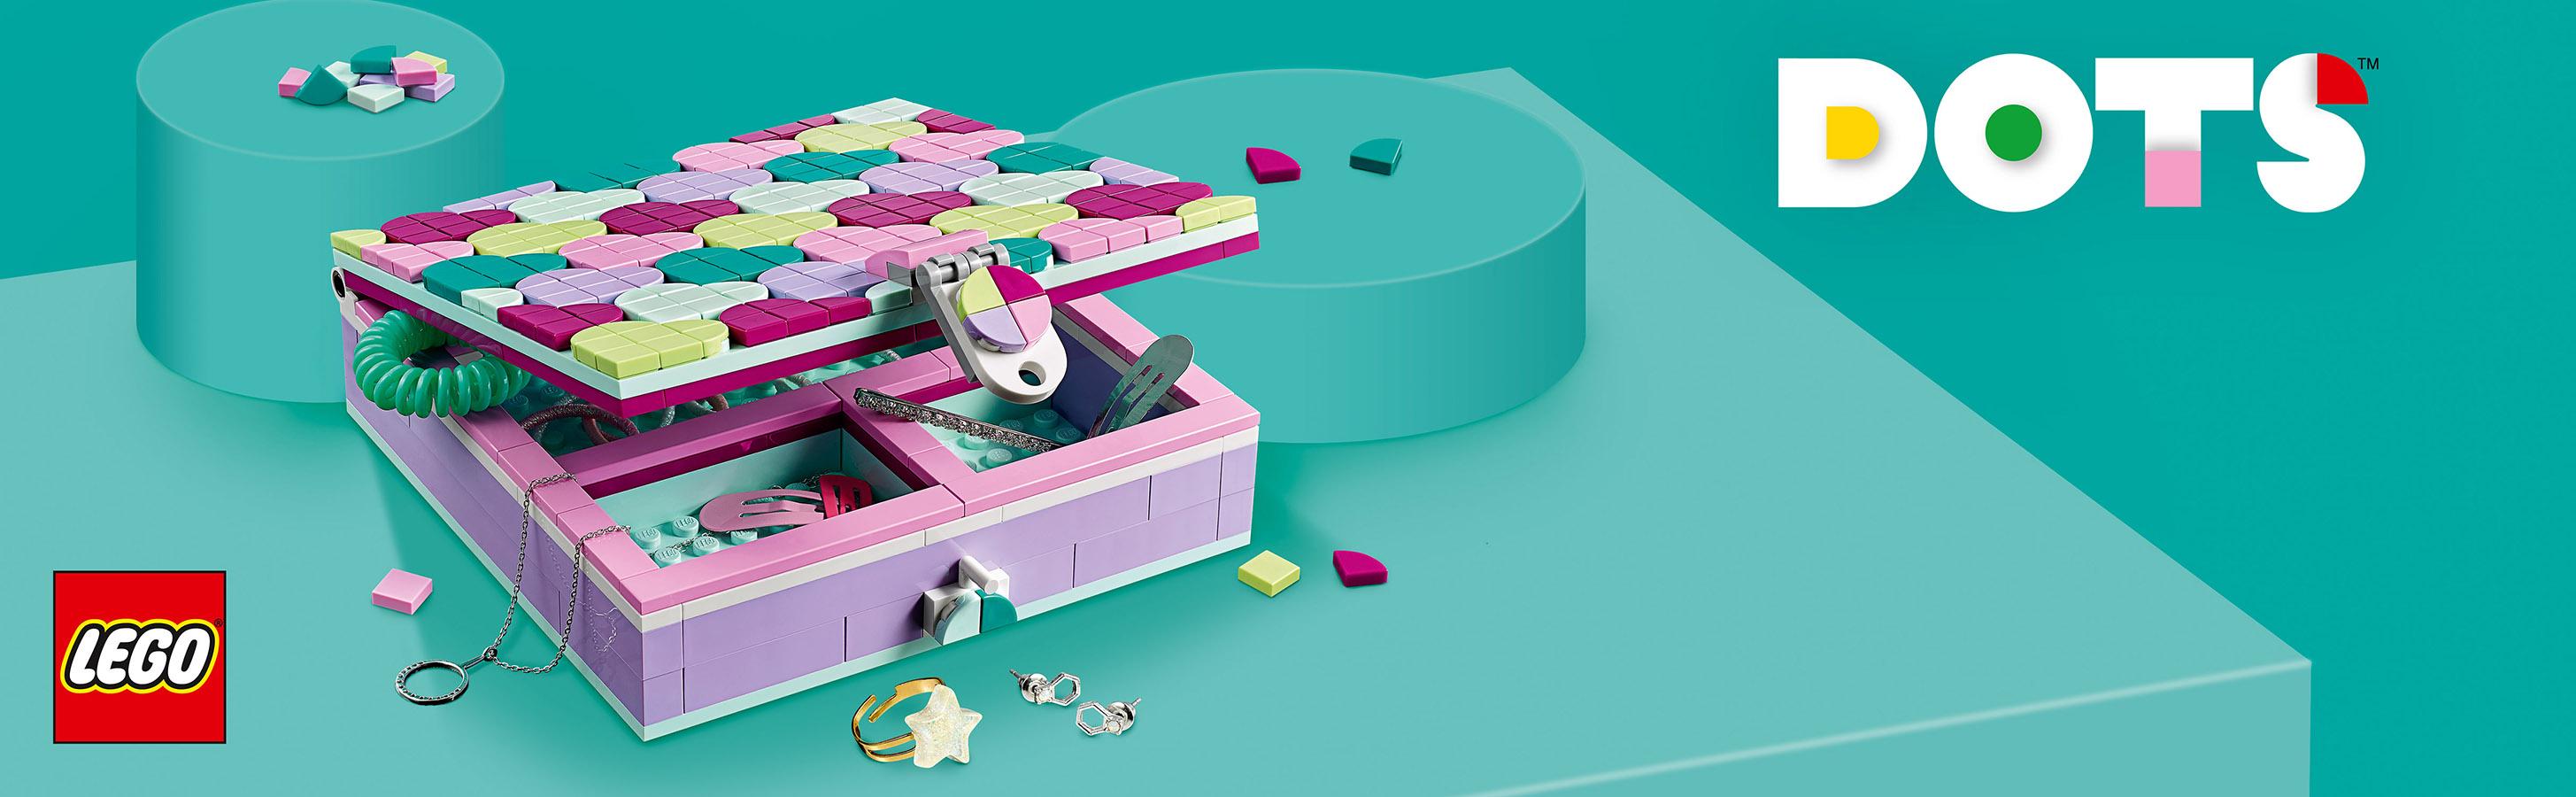 Bir odayı LEGO® DOTS setleriyle tasarlayın ve dekore edin!